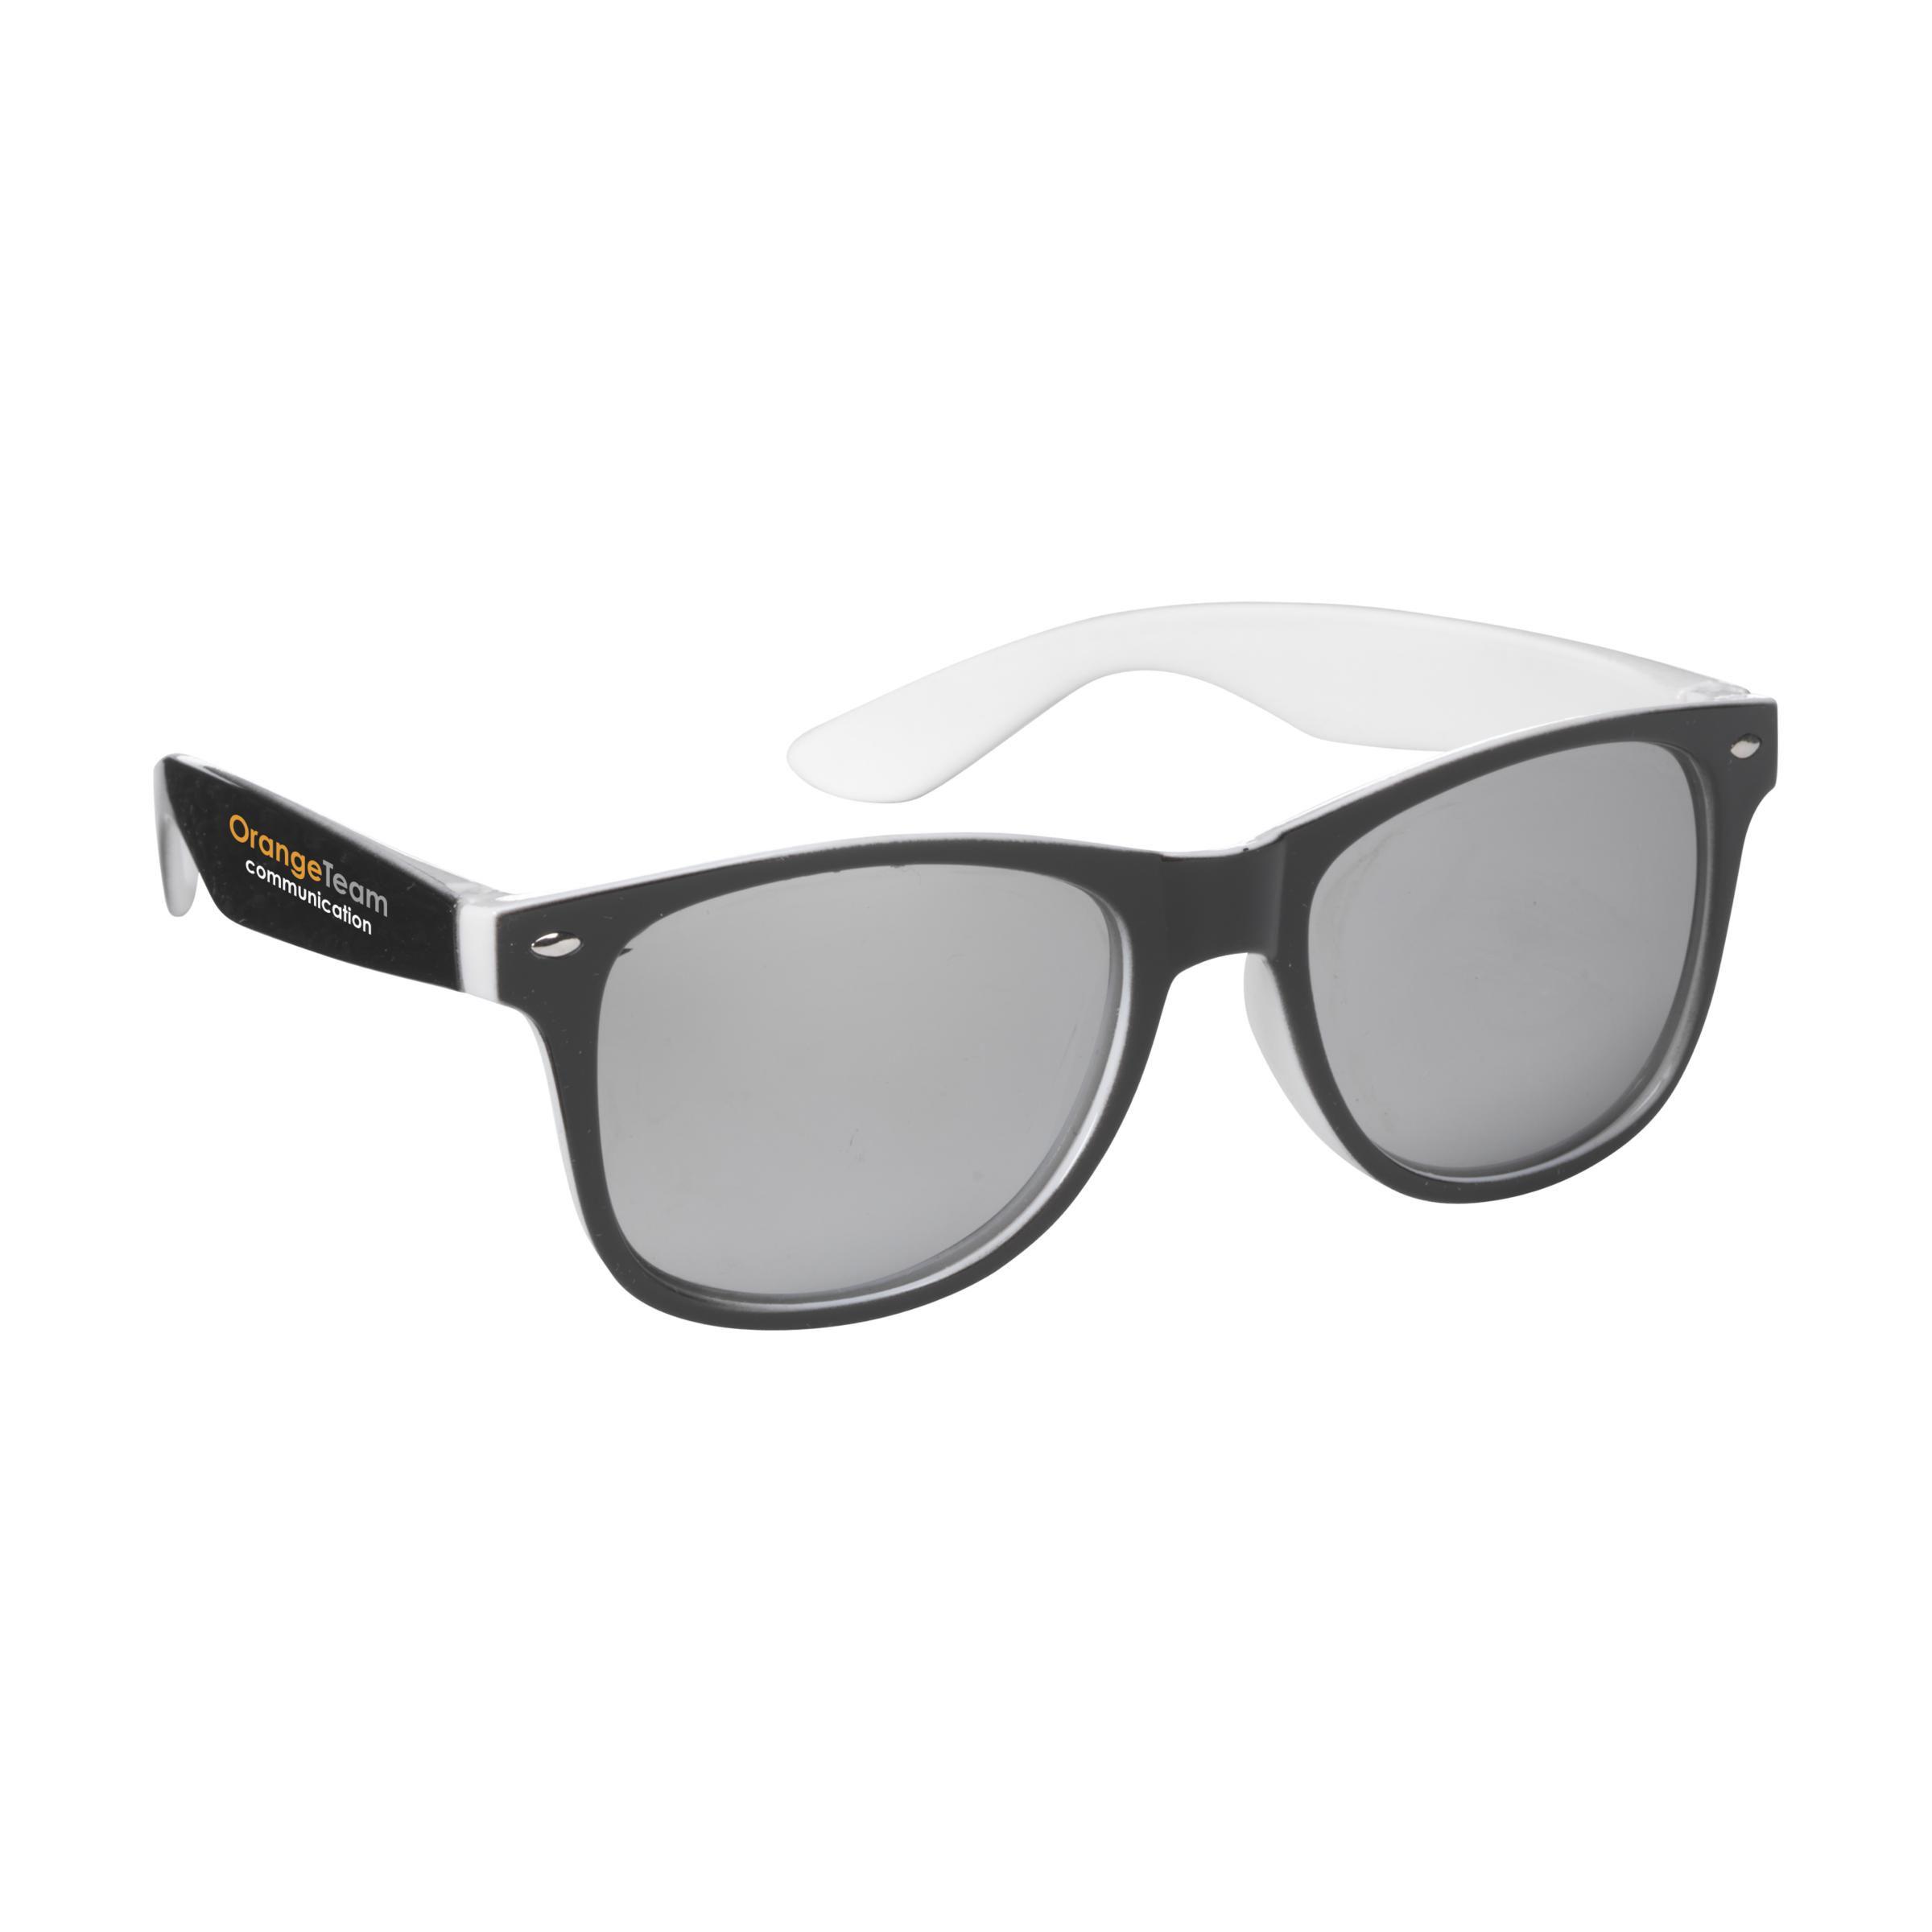 Gafas de sol efecto espejo impresas helloprint - Pintaunas efecto espejo ...